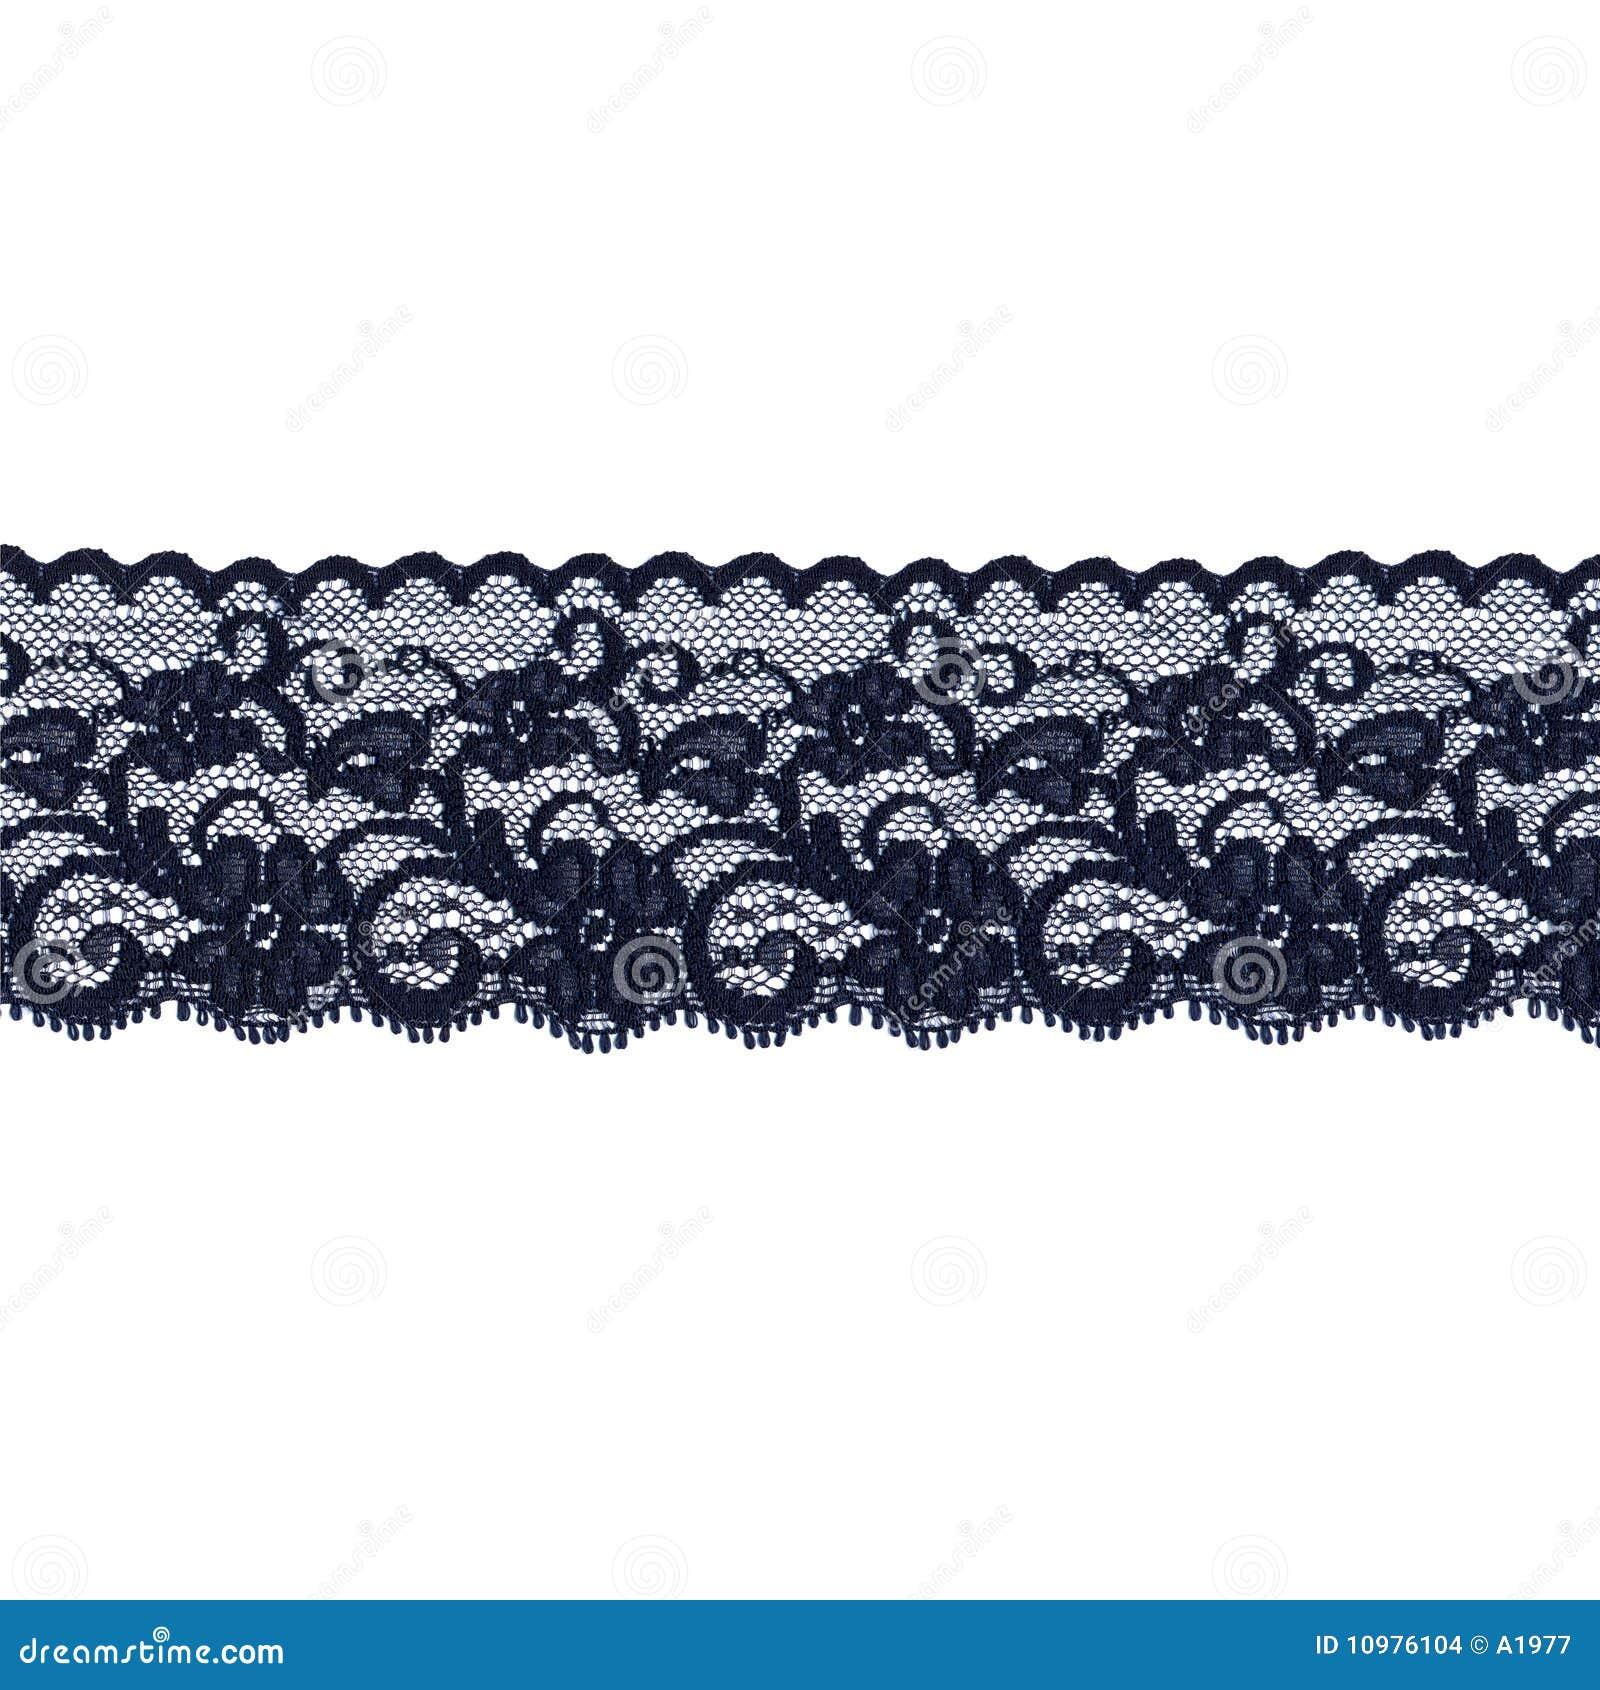 Black lace band